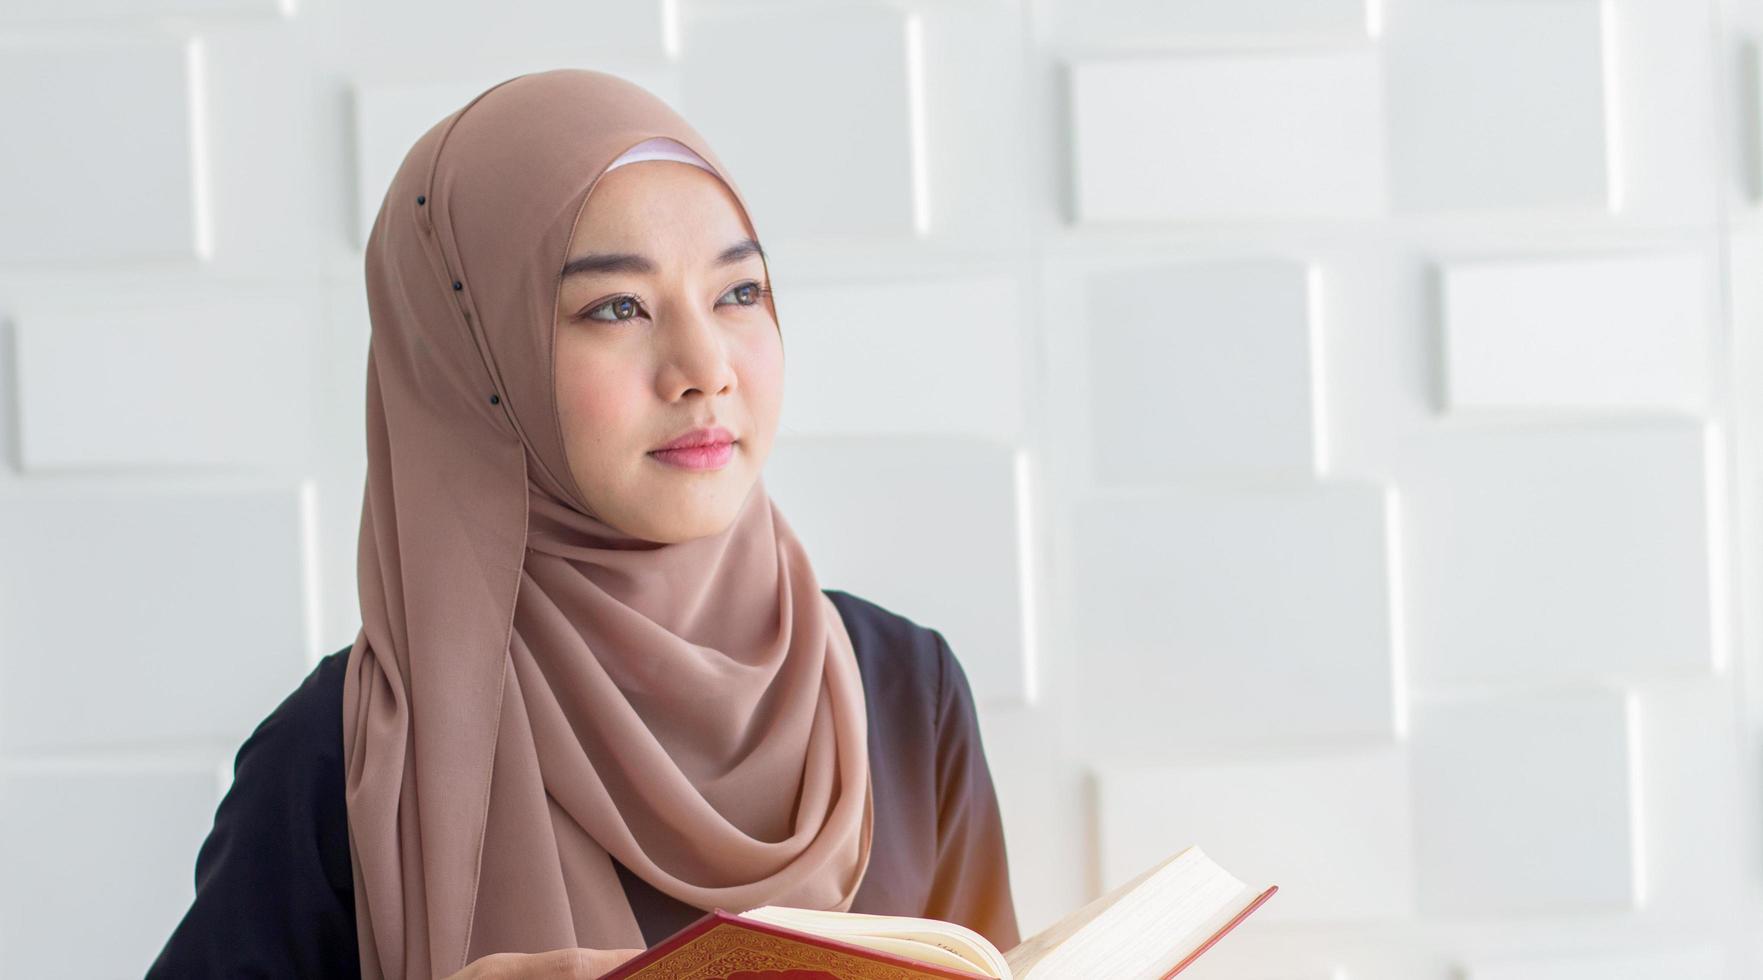 ung muslimsk kvinna klädd i en svart hijab, ber för allah, kopiera utrymme. begreppet religiösa ritualer för fred foto